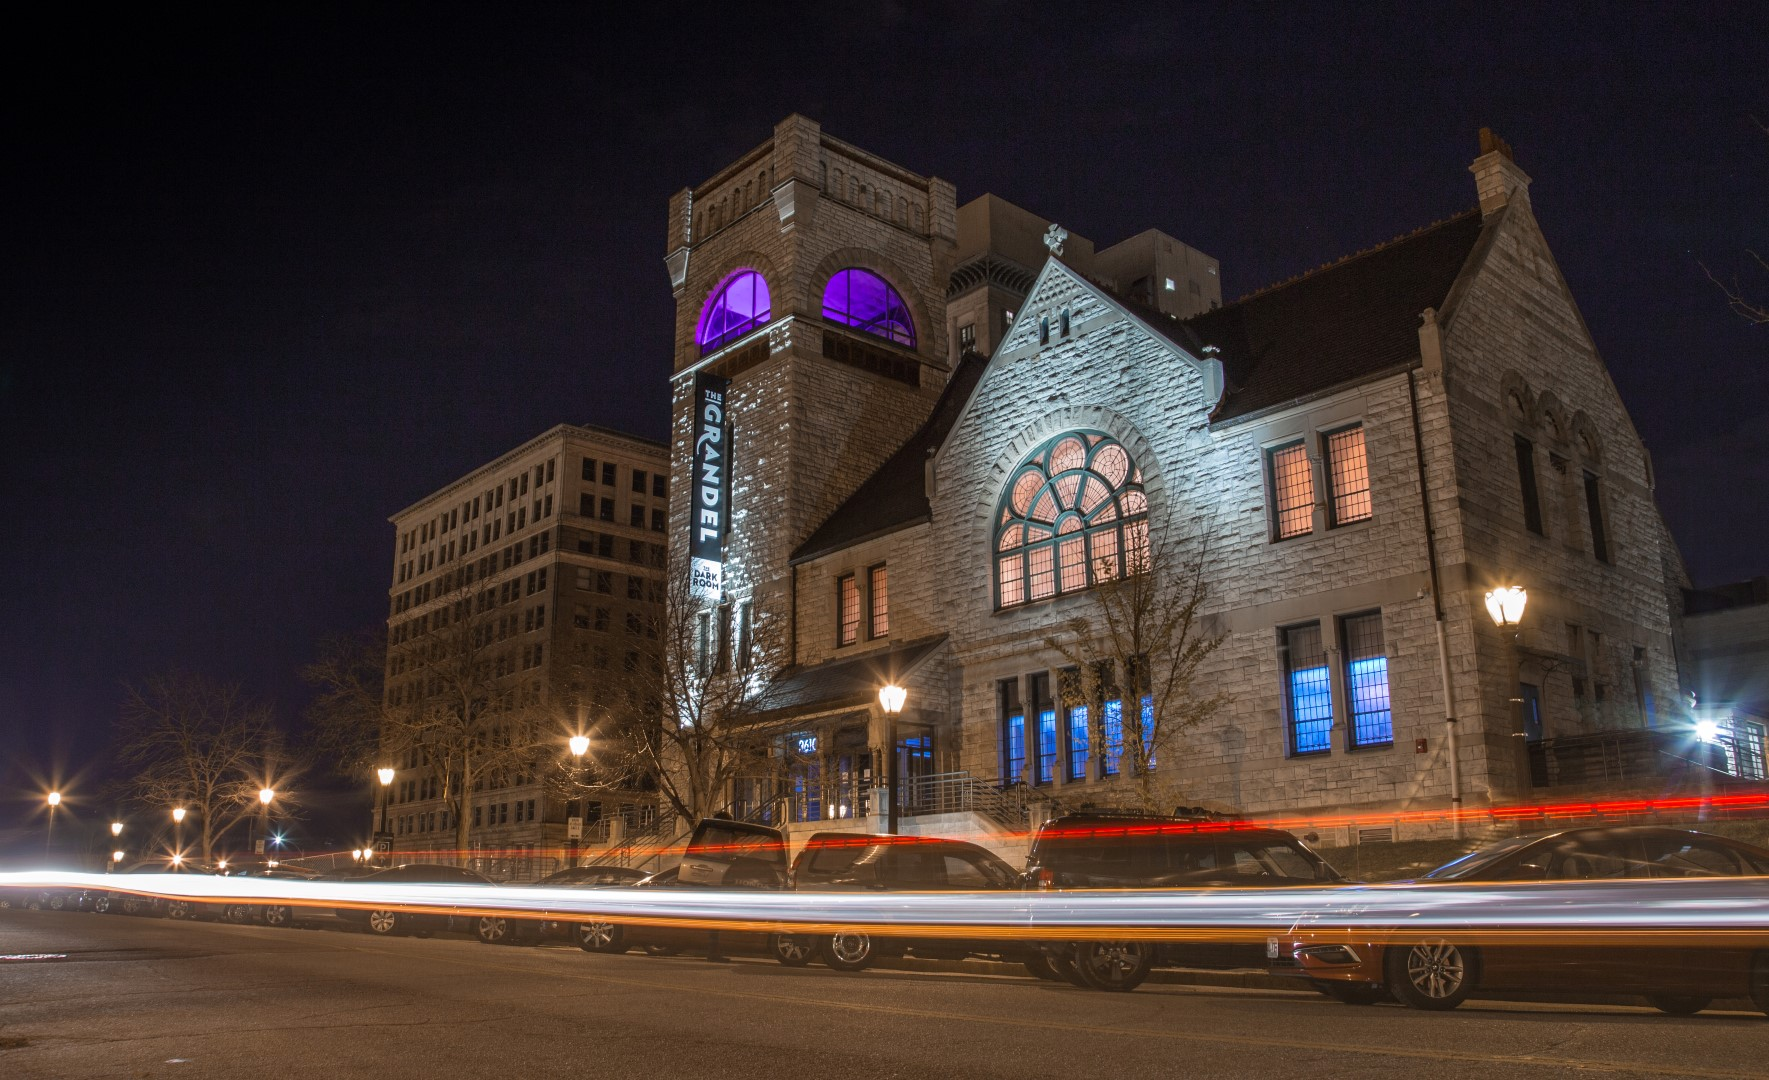 The Grandel Theatre